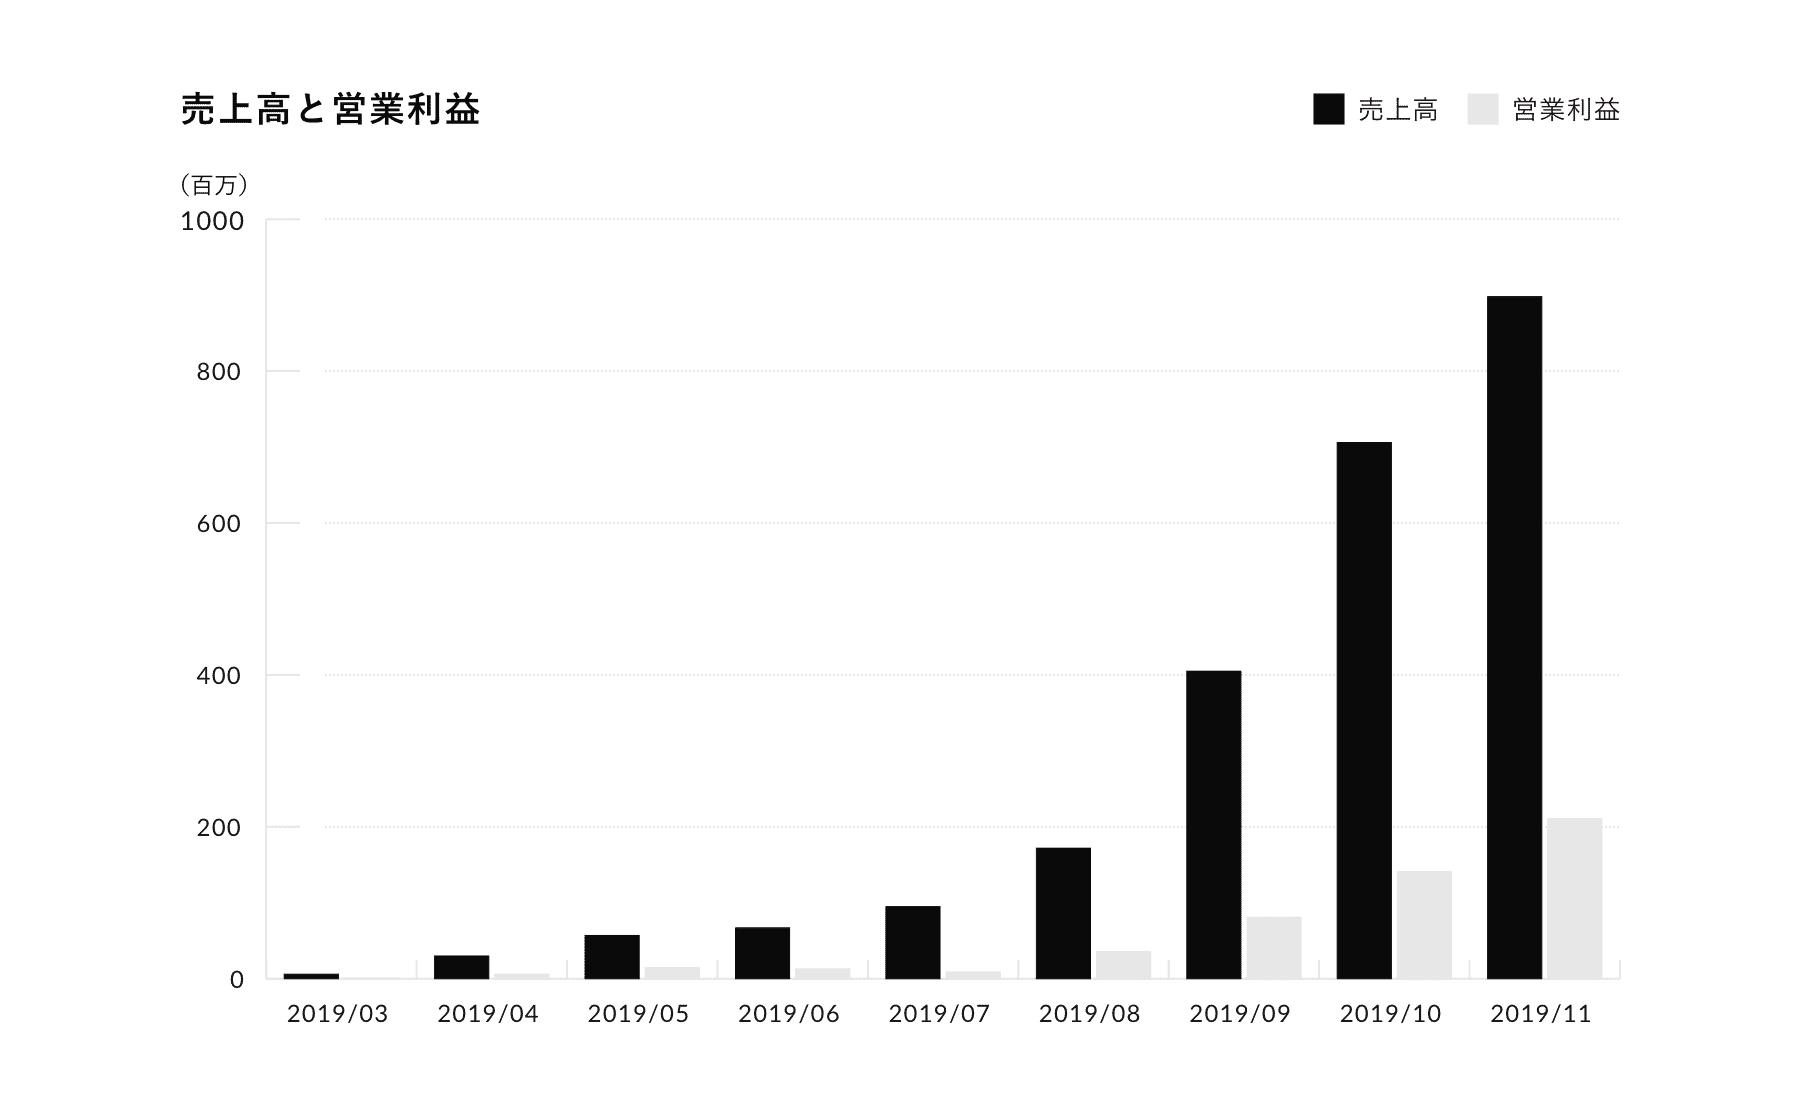 単品リピート通販事業A社の売上高と営業利益